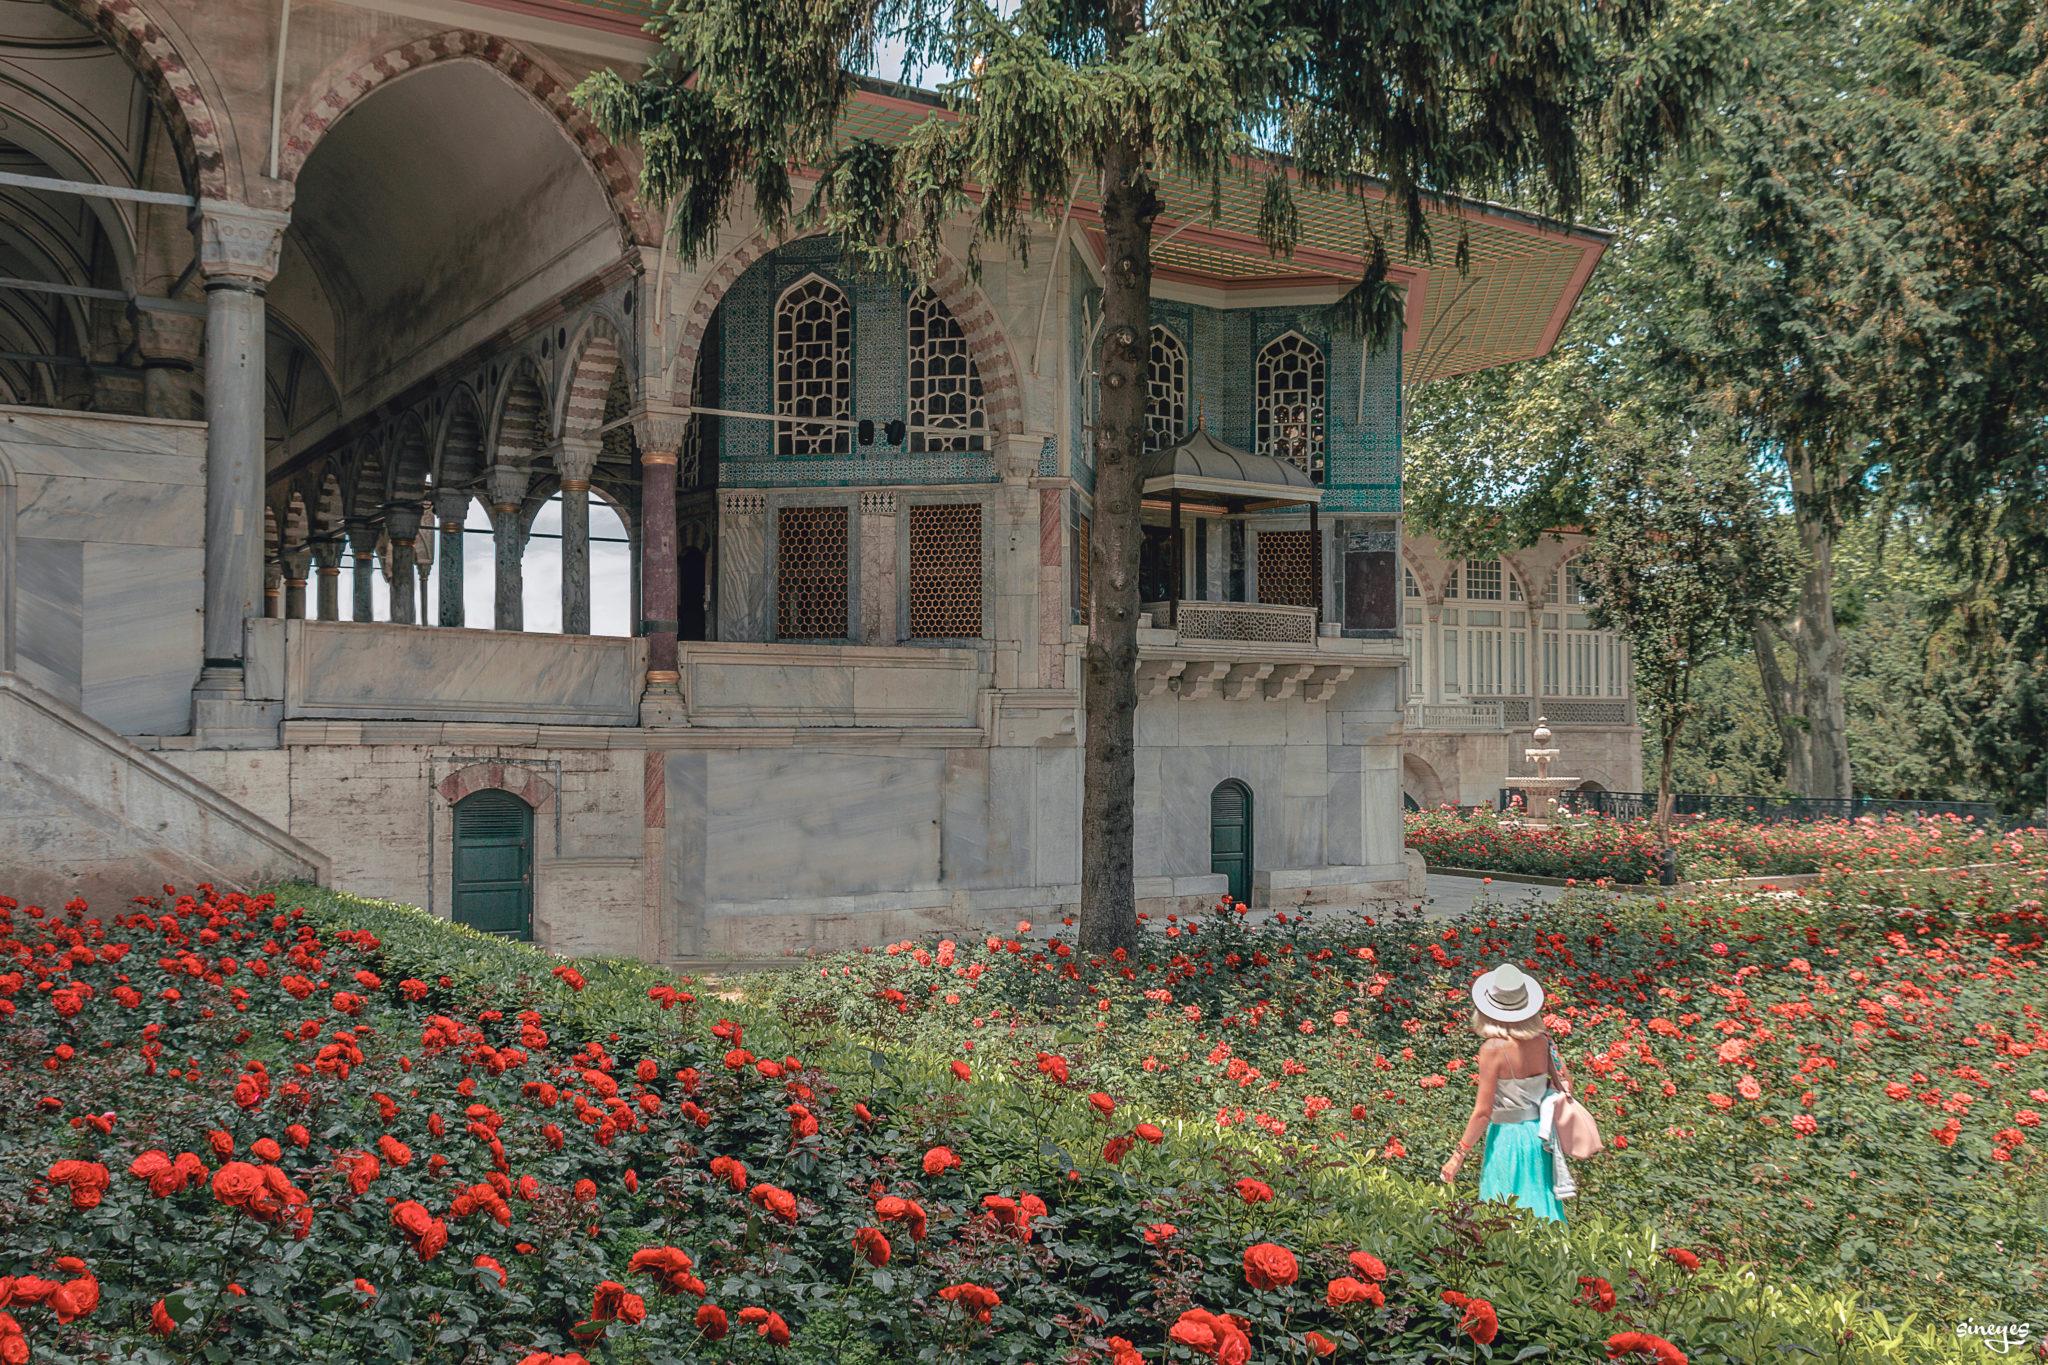 La russe et les roses - Istanbul, Turquie